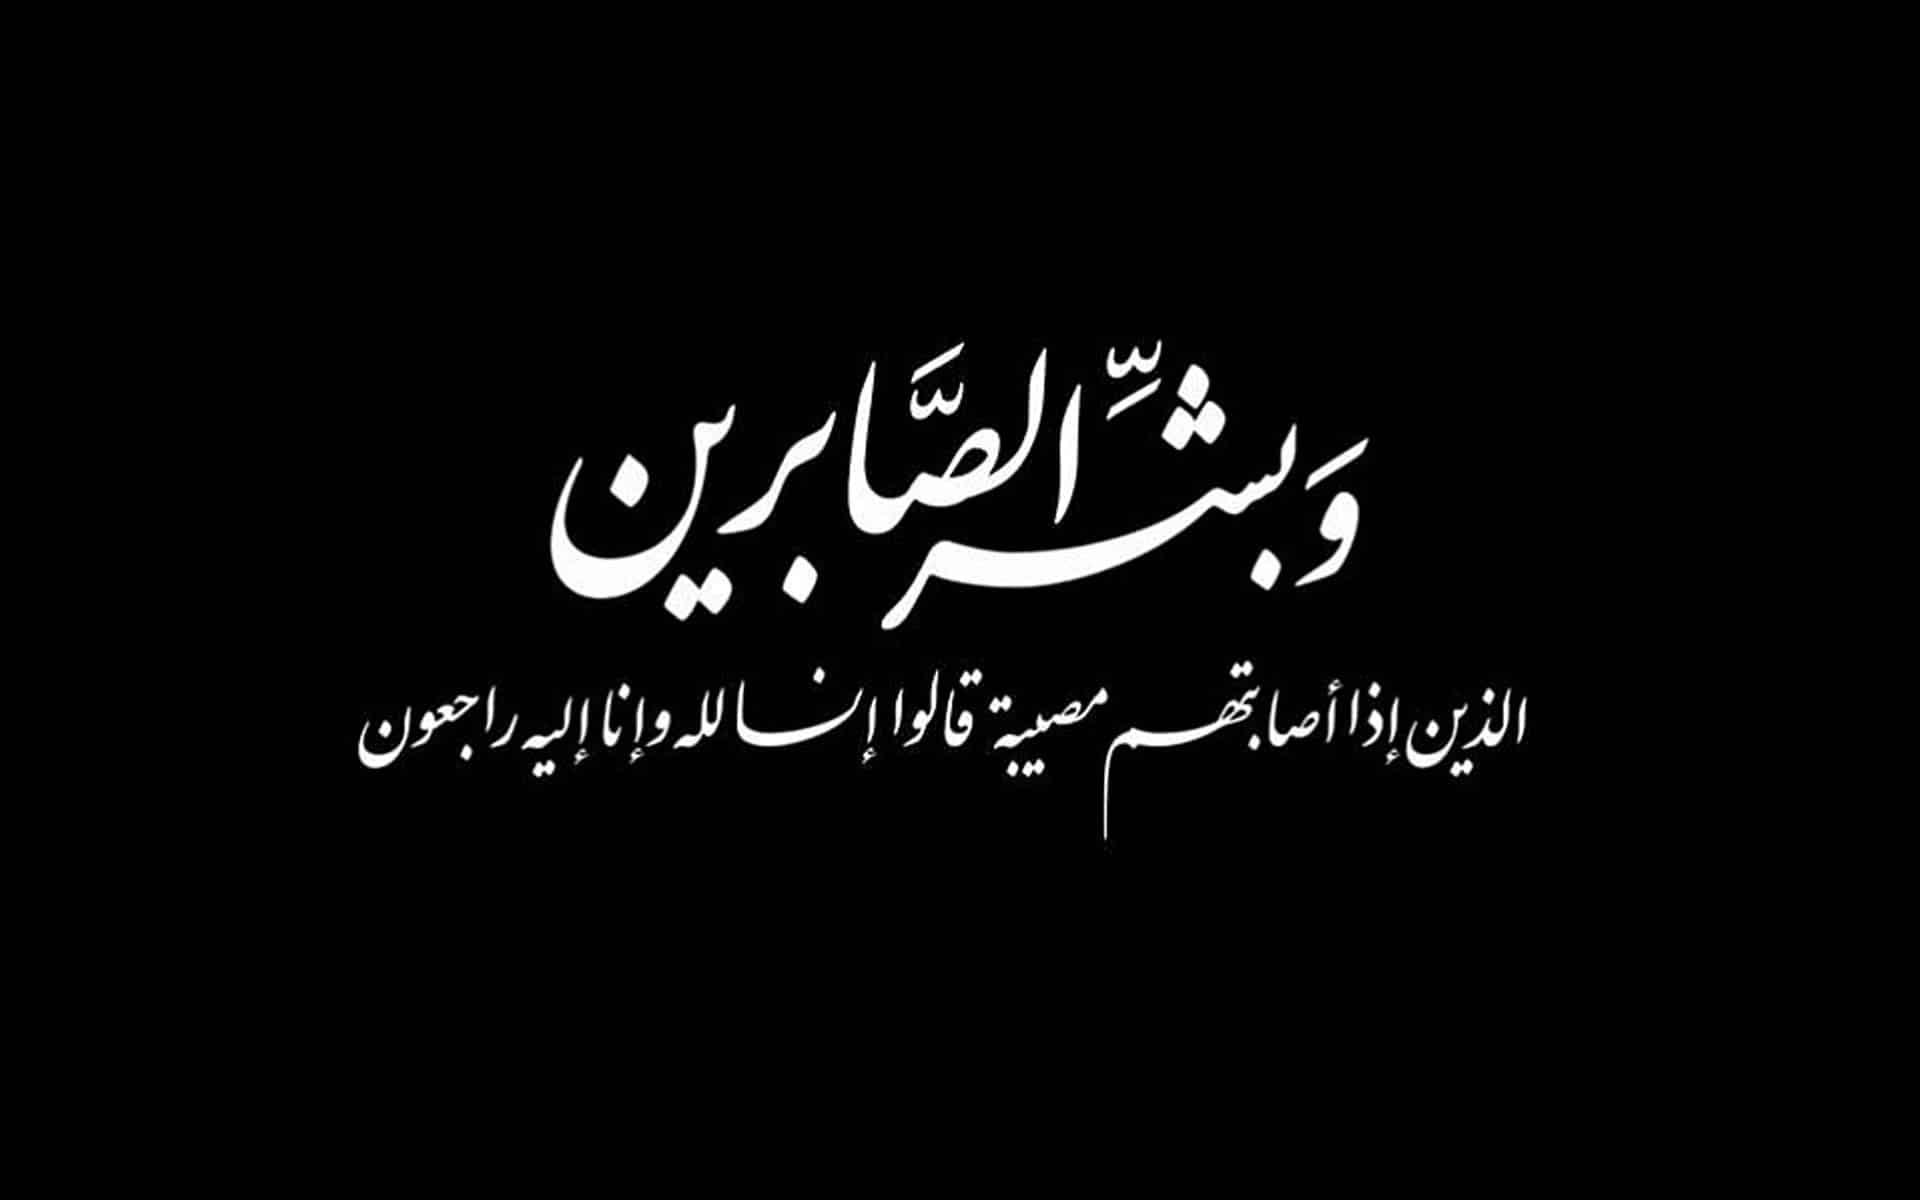 بالصور دعاء للمسلمين , افضل دعاء للمسلمين للتقرب الى الله 5962 10